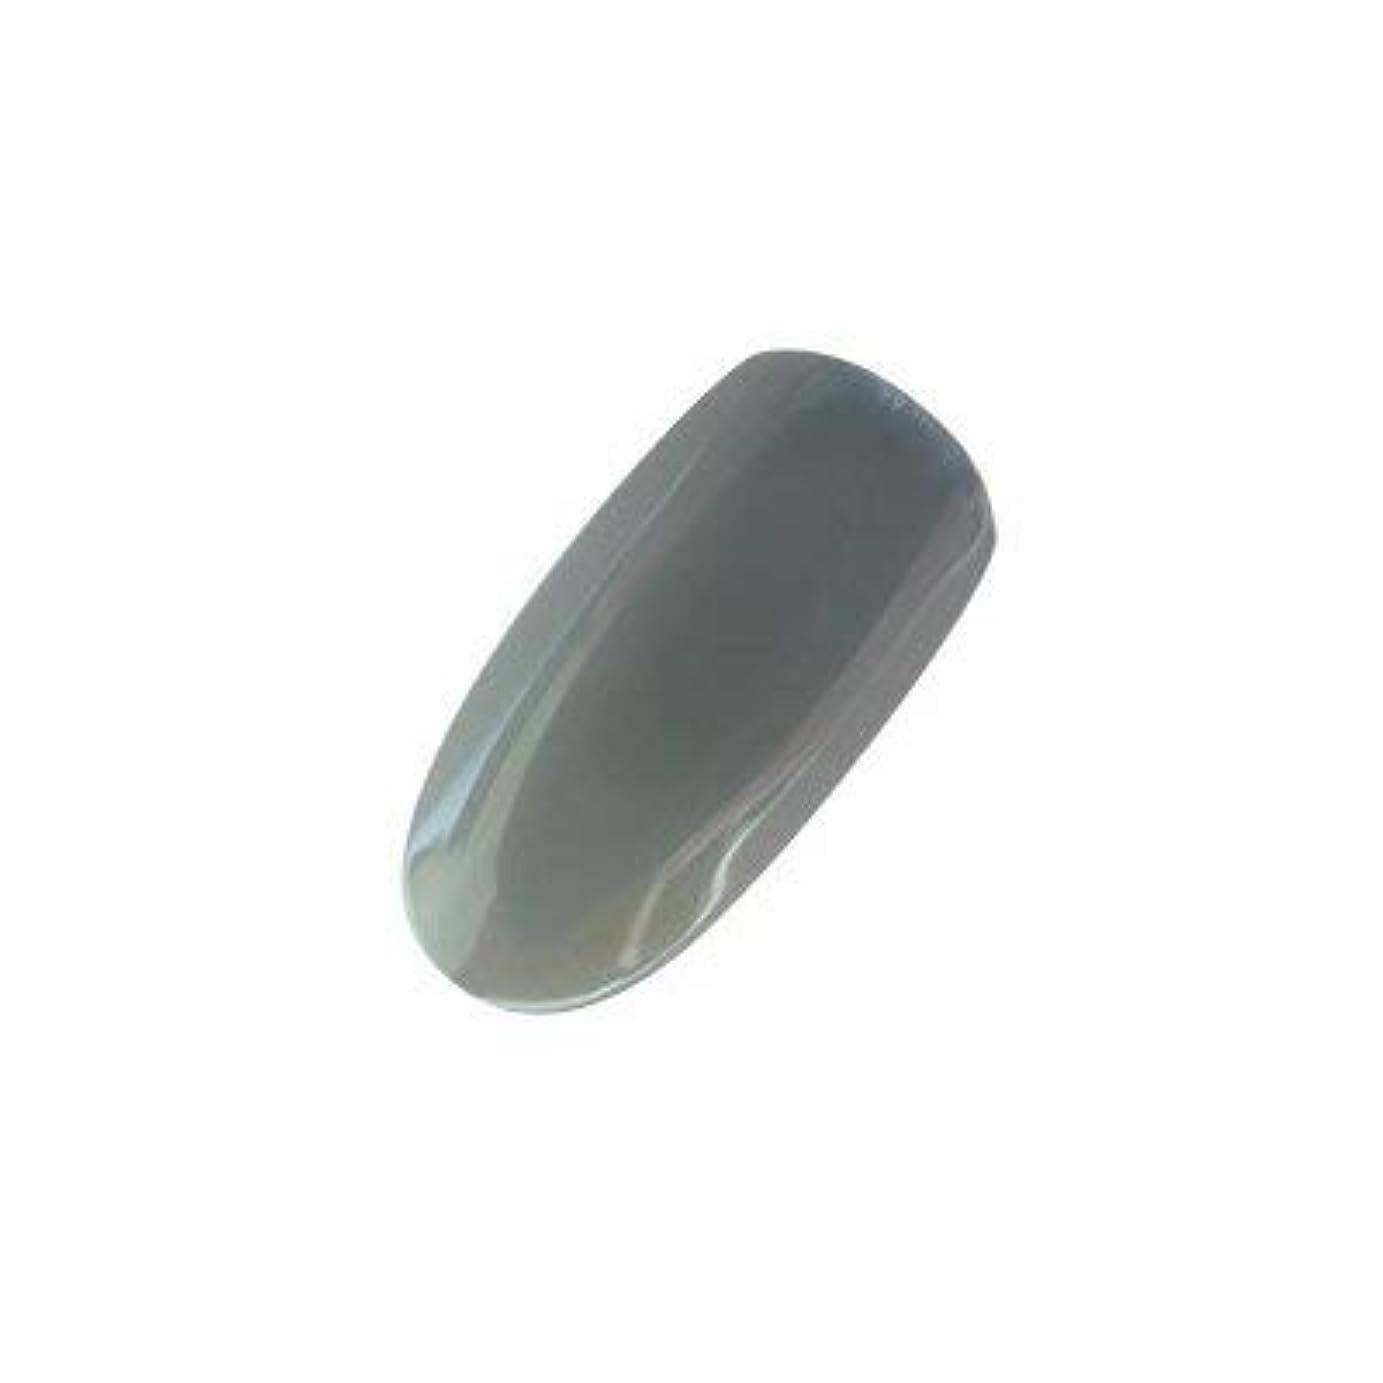 ウィンク商業の溶接アイニティ カラージェル 009 テクノグレー 5g